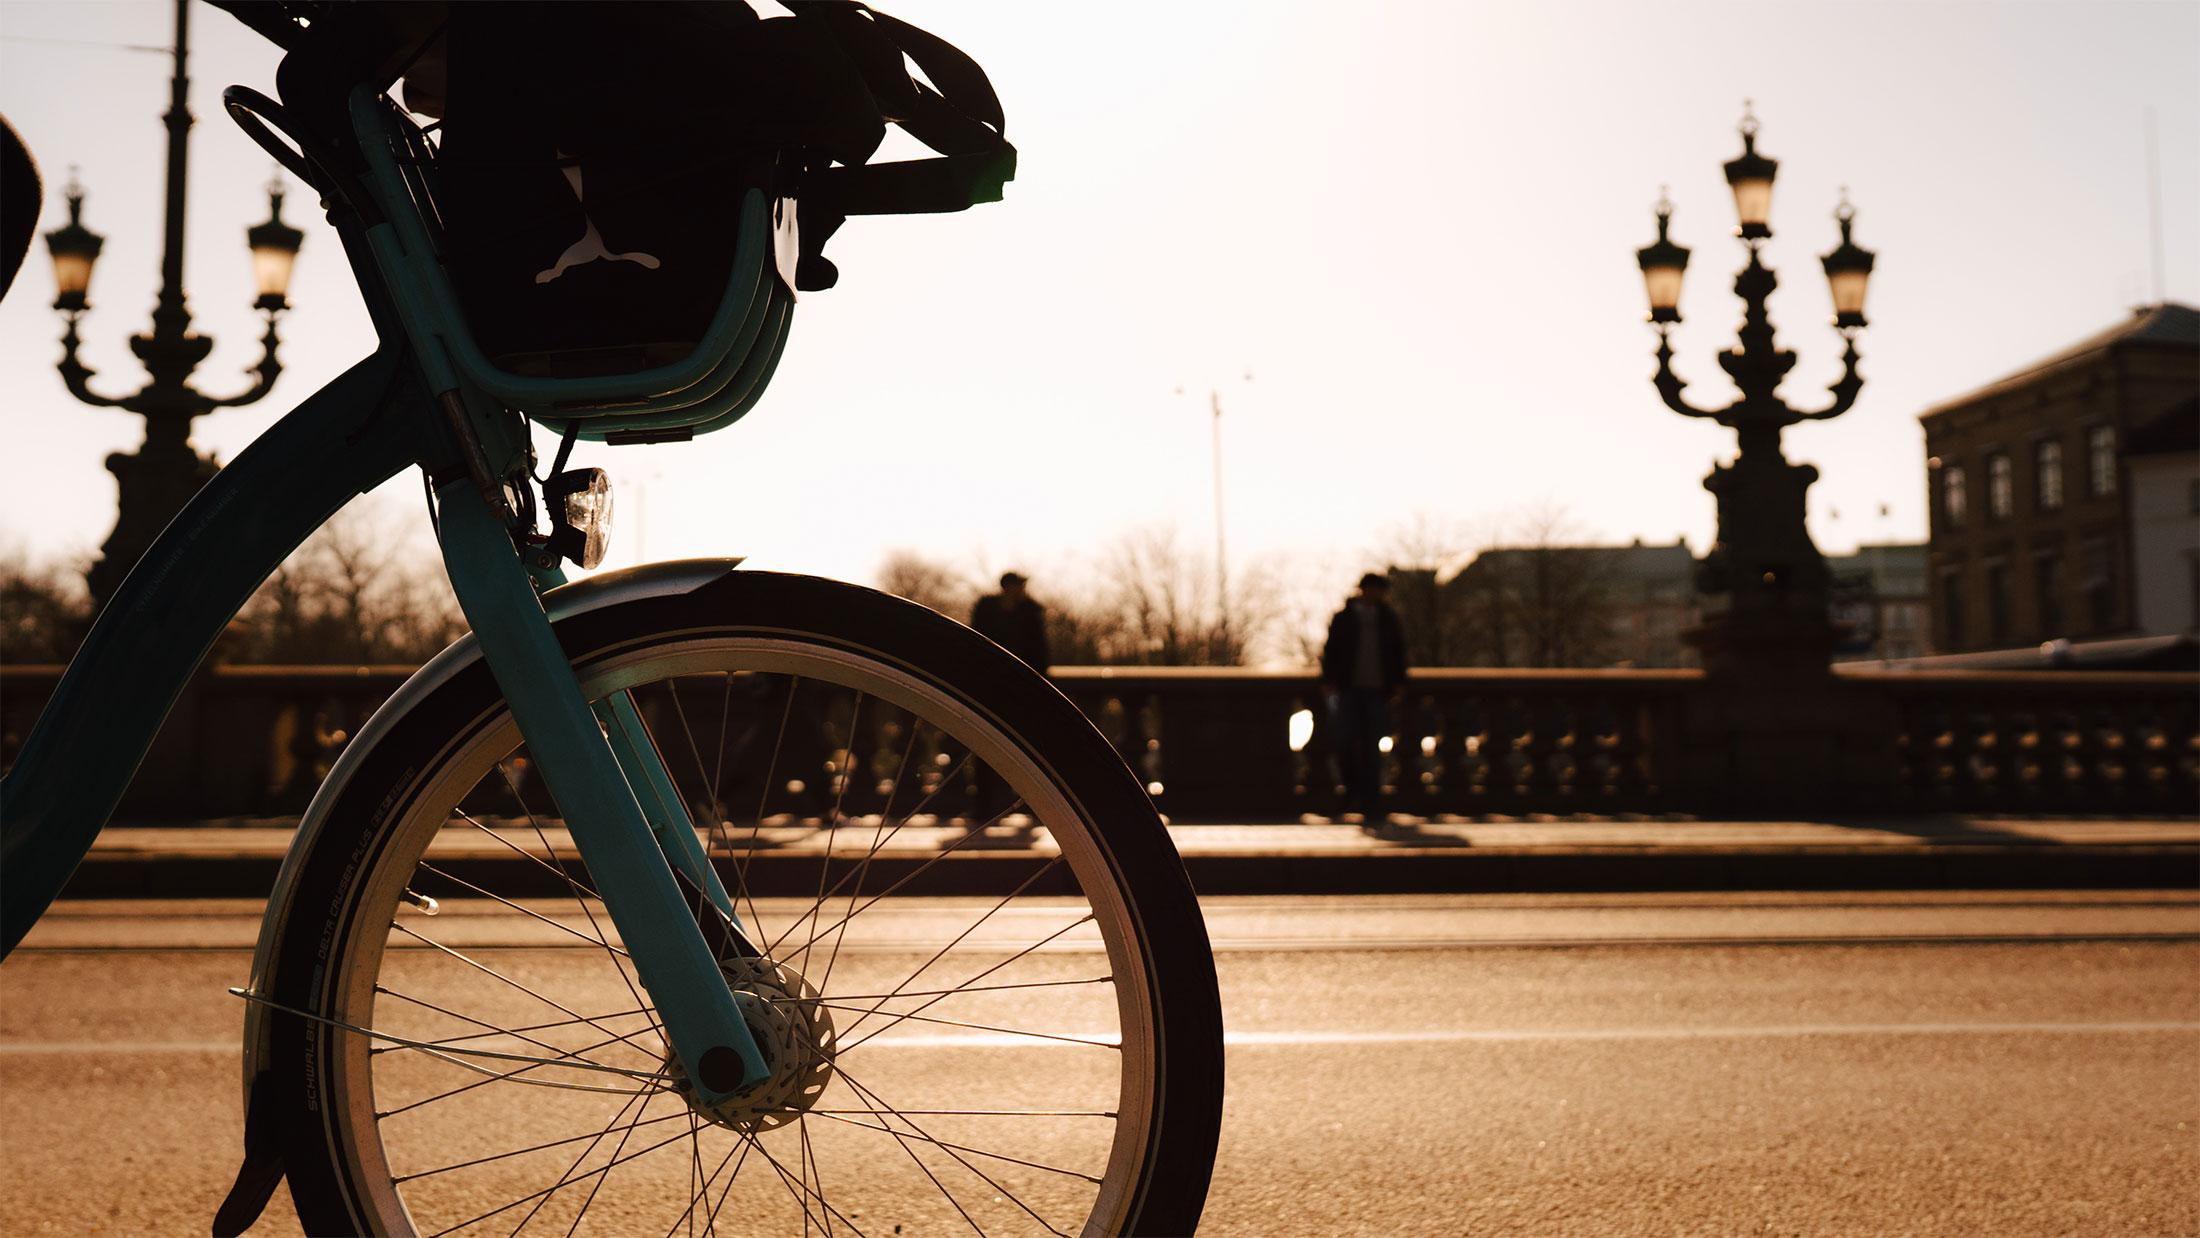 Cykelhjul i stadsmiljö i motljus